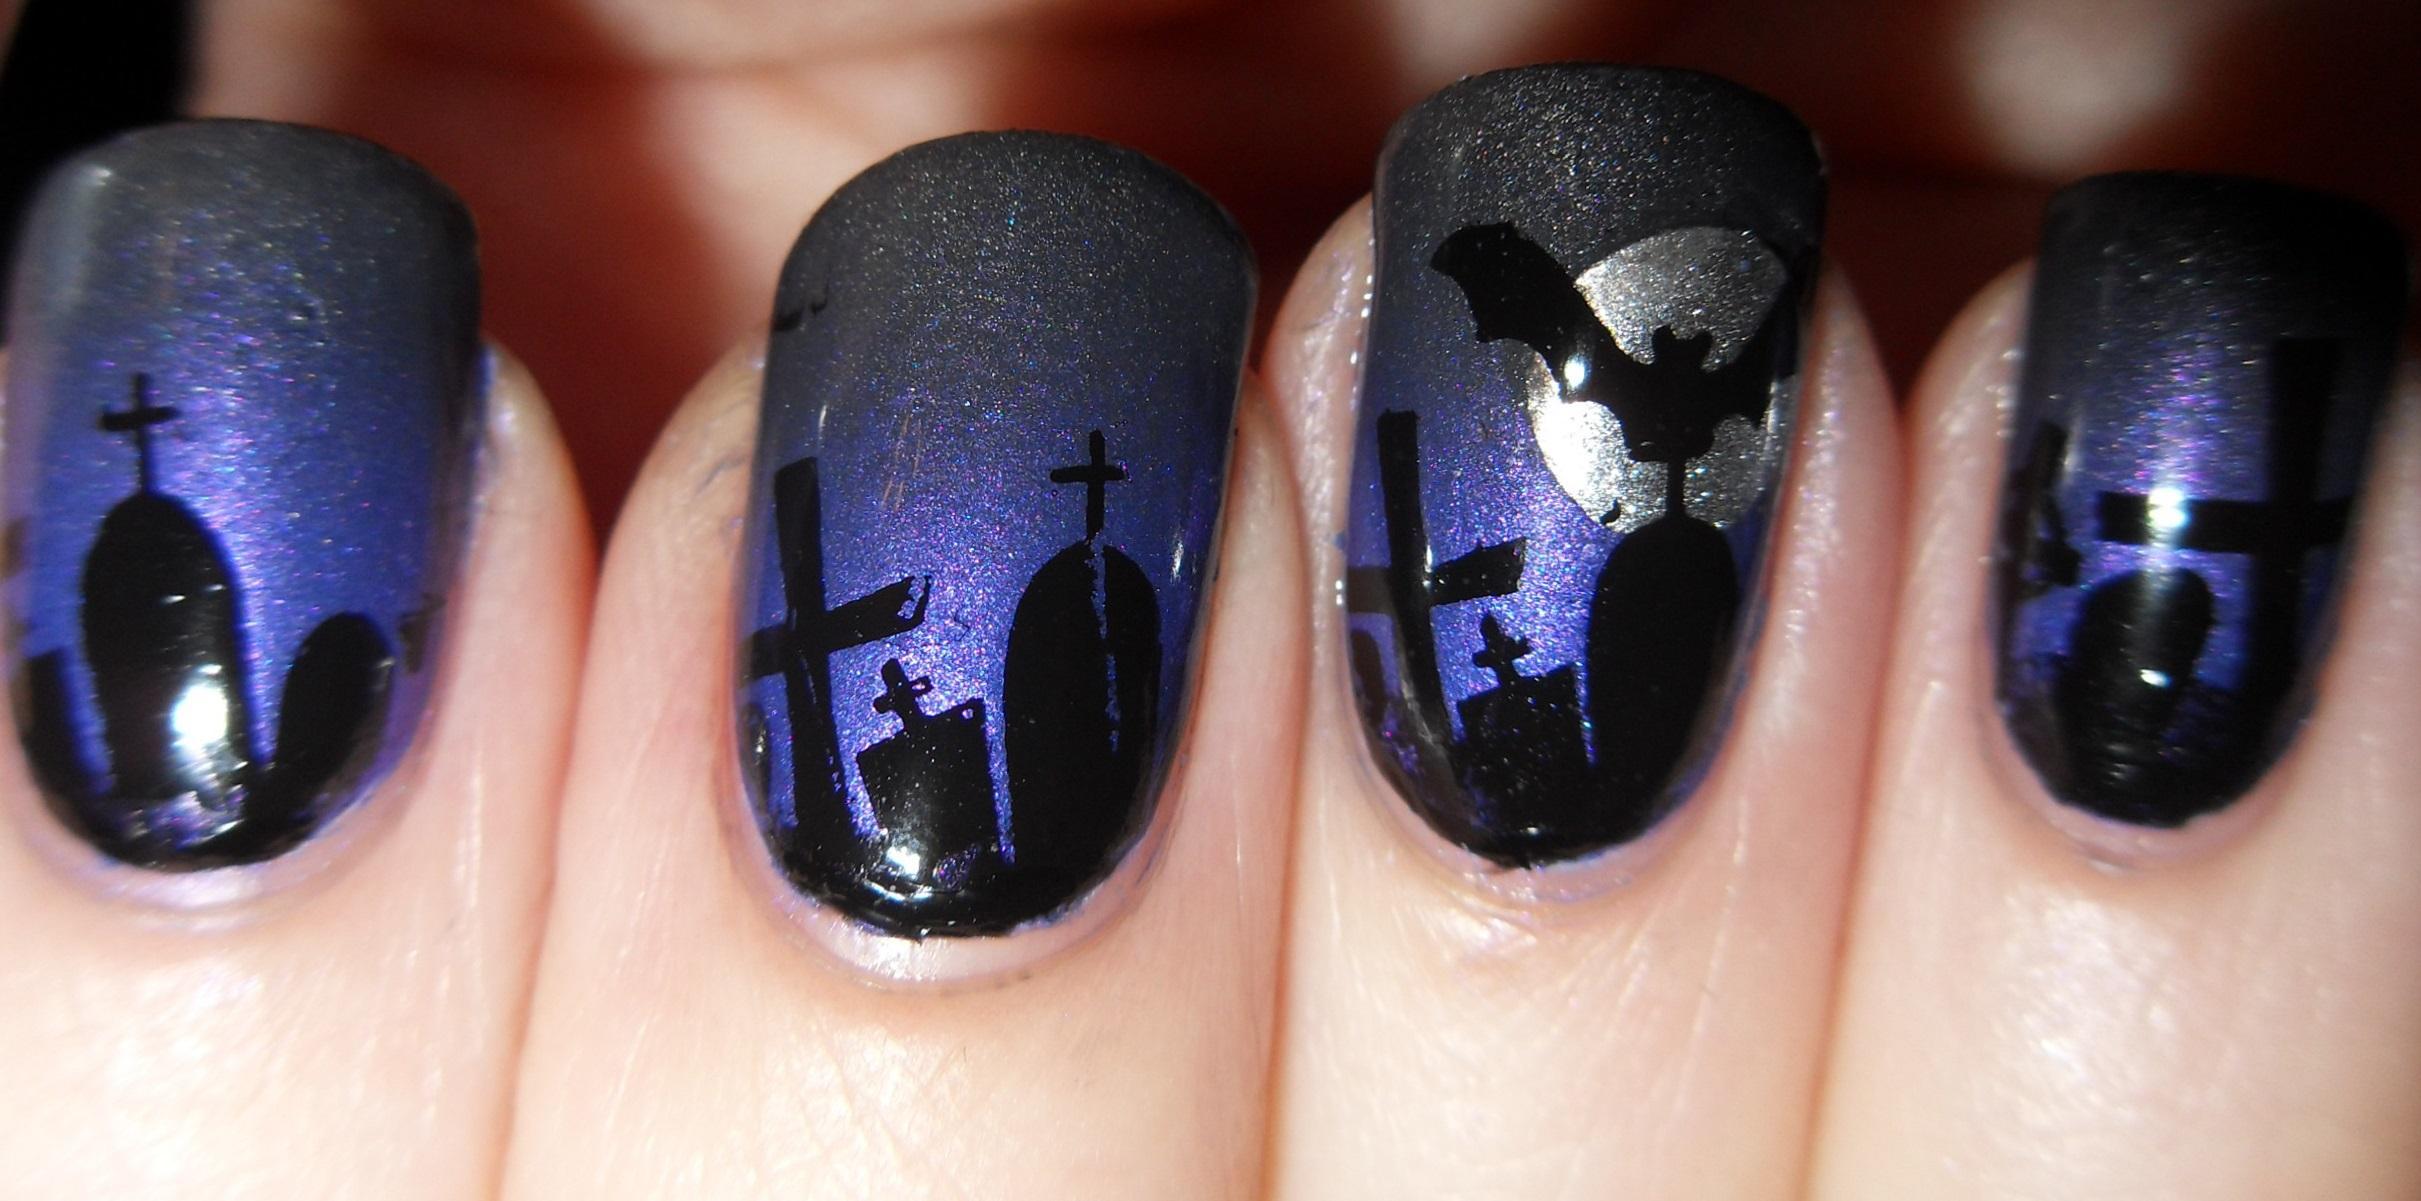 Жуткий синий маникюр для Хэллоуина